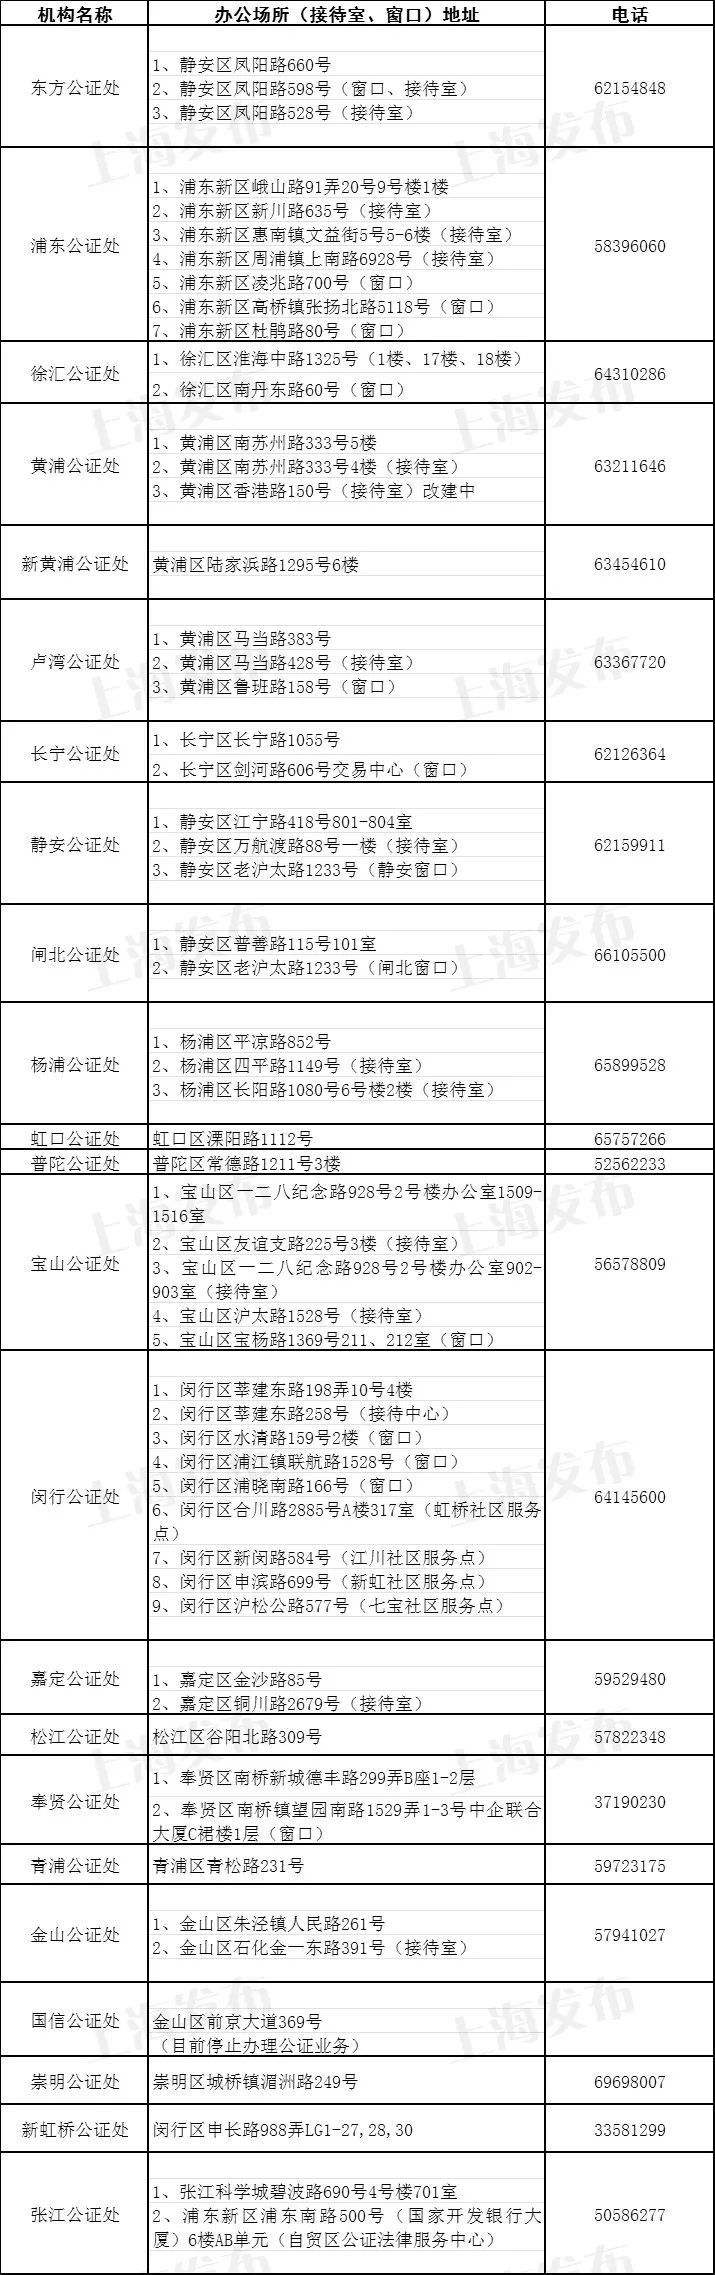 【便民】沪80岁以上老人免费办遗嘱公证预约,2个月内须办结